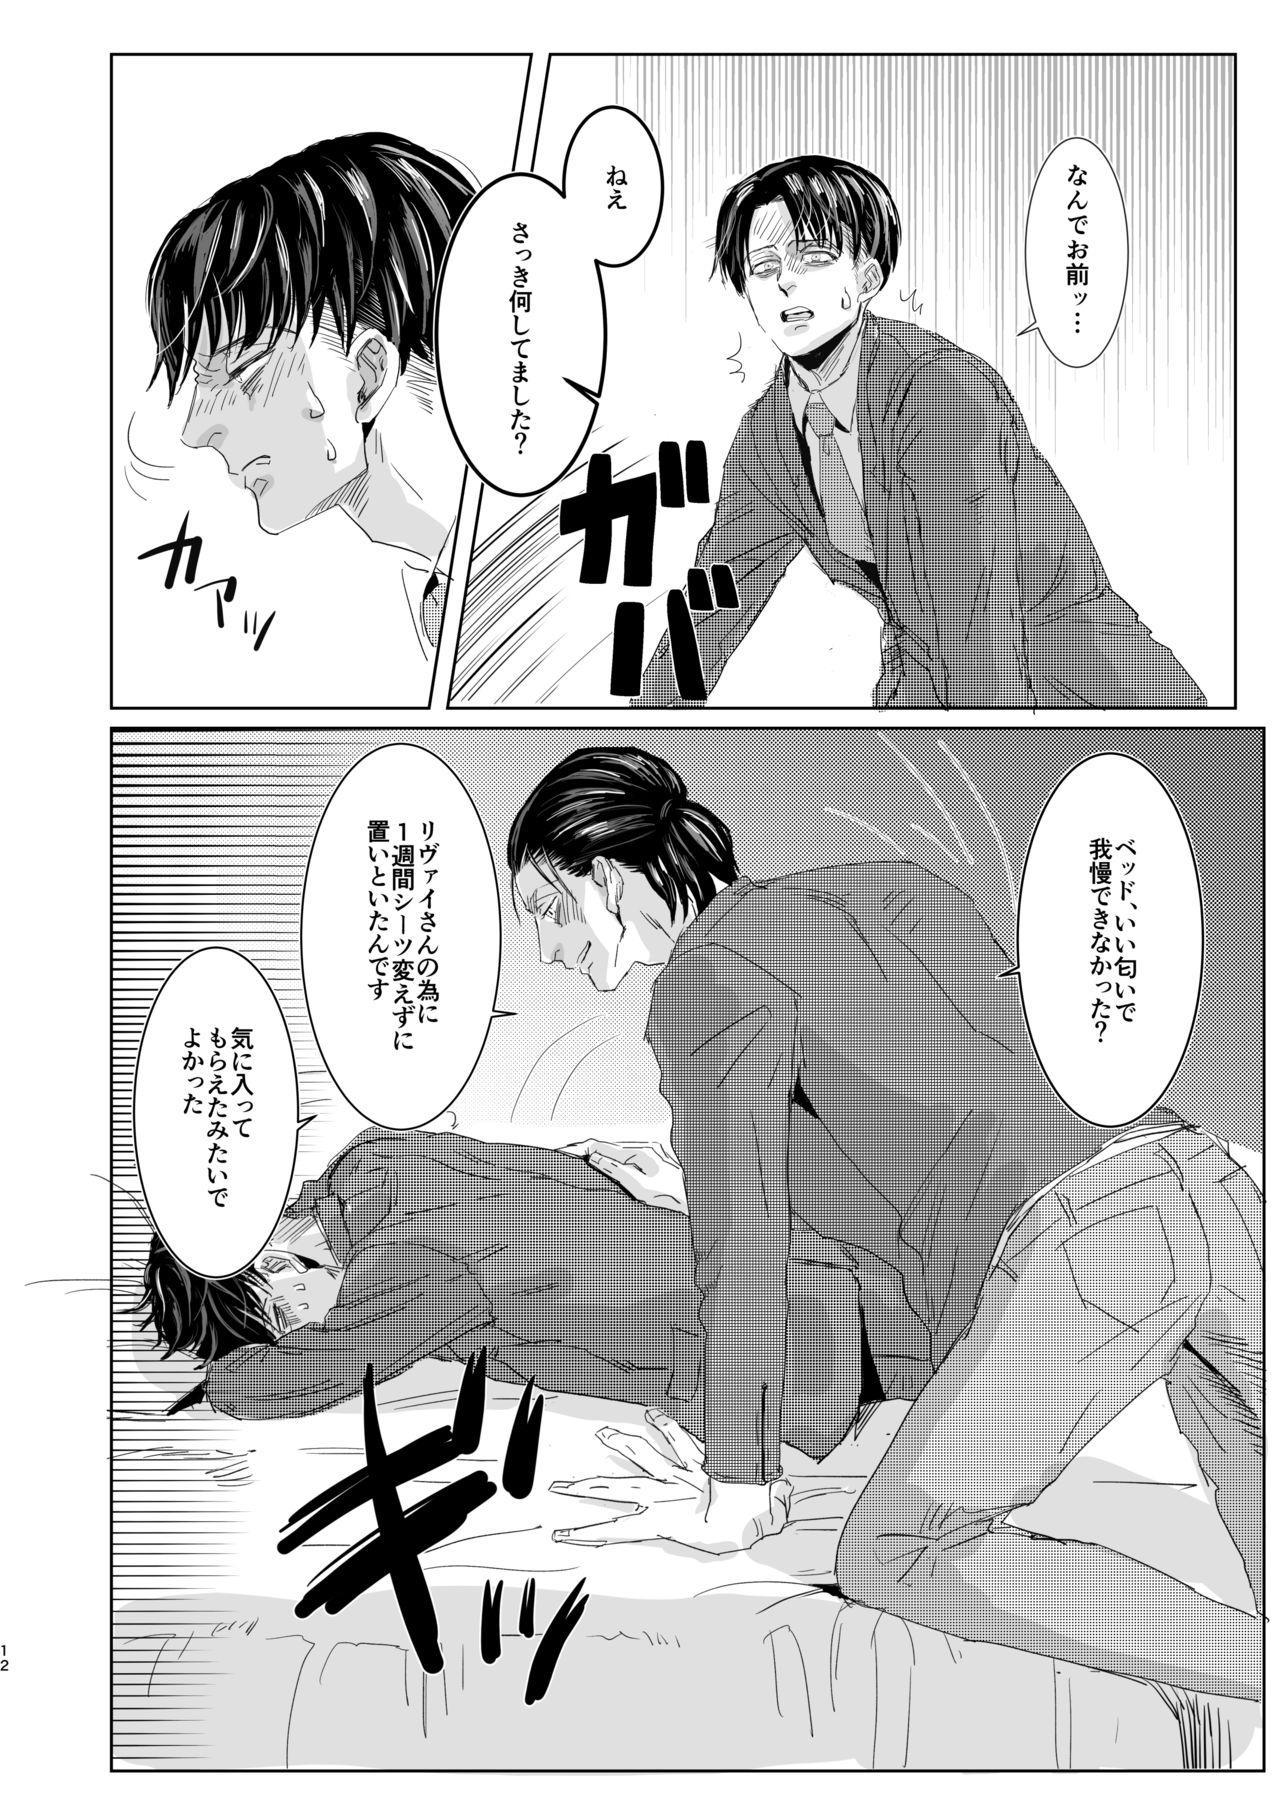 Ore no Kareshi ga Ore no Nioi o Sukisugite Komaru! 10